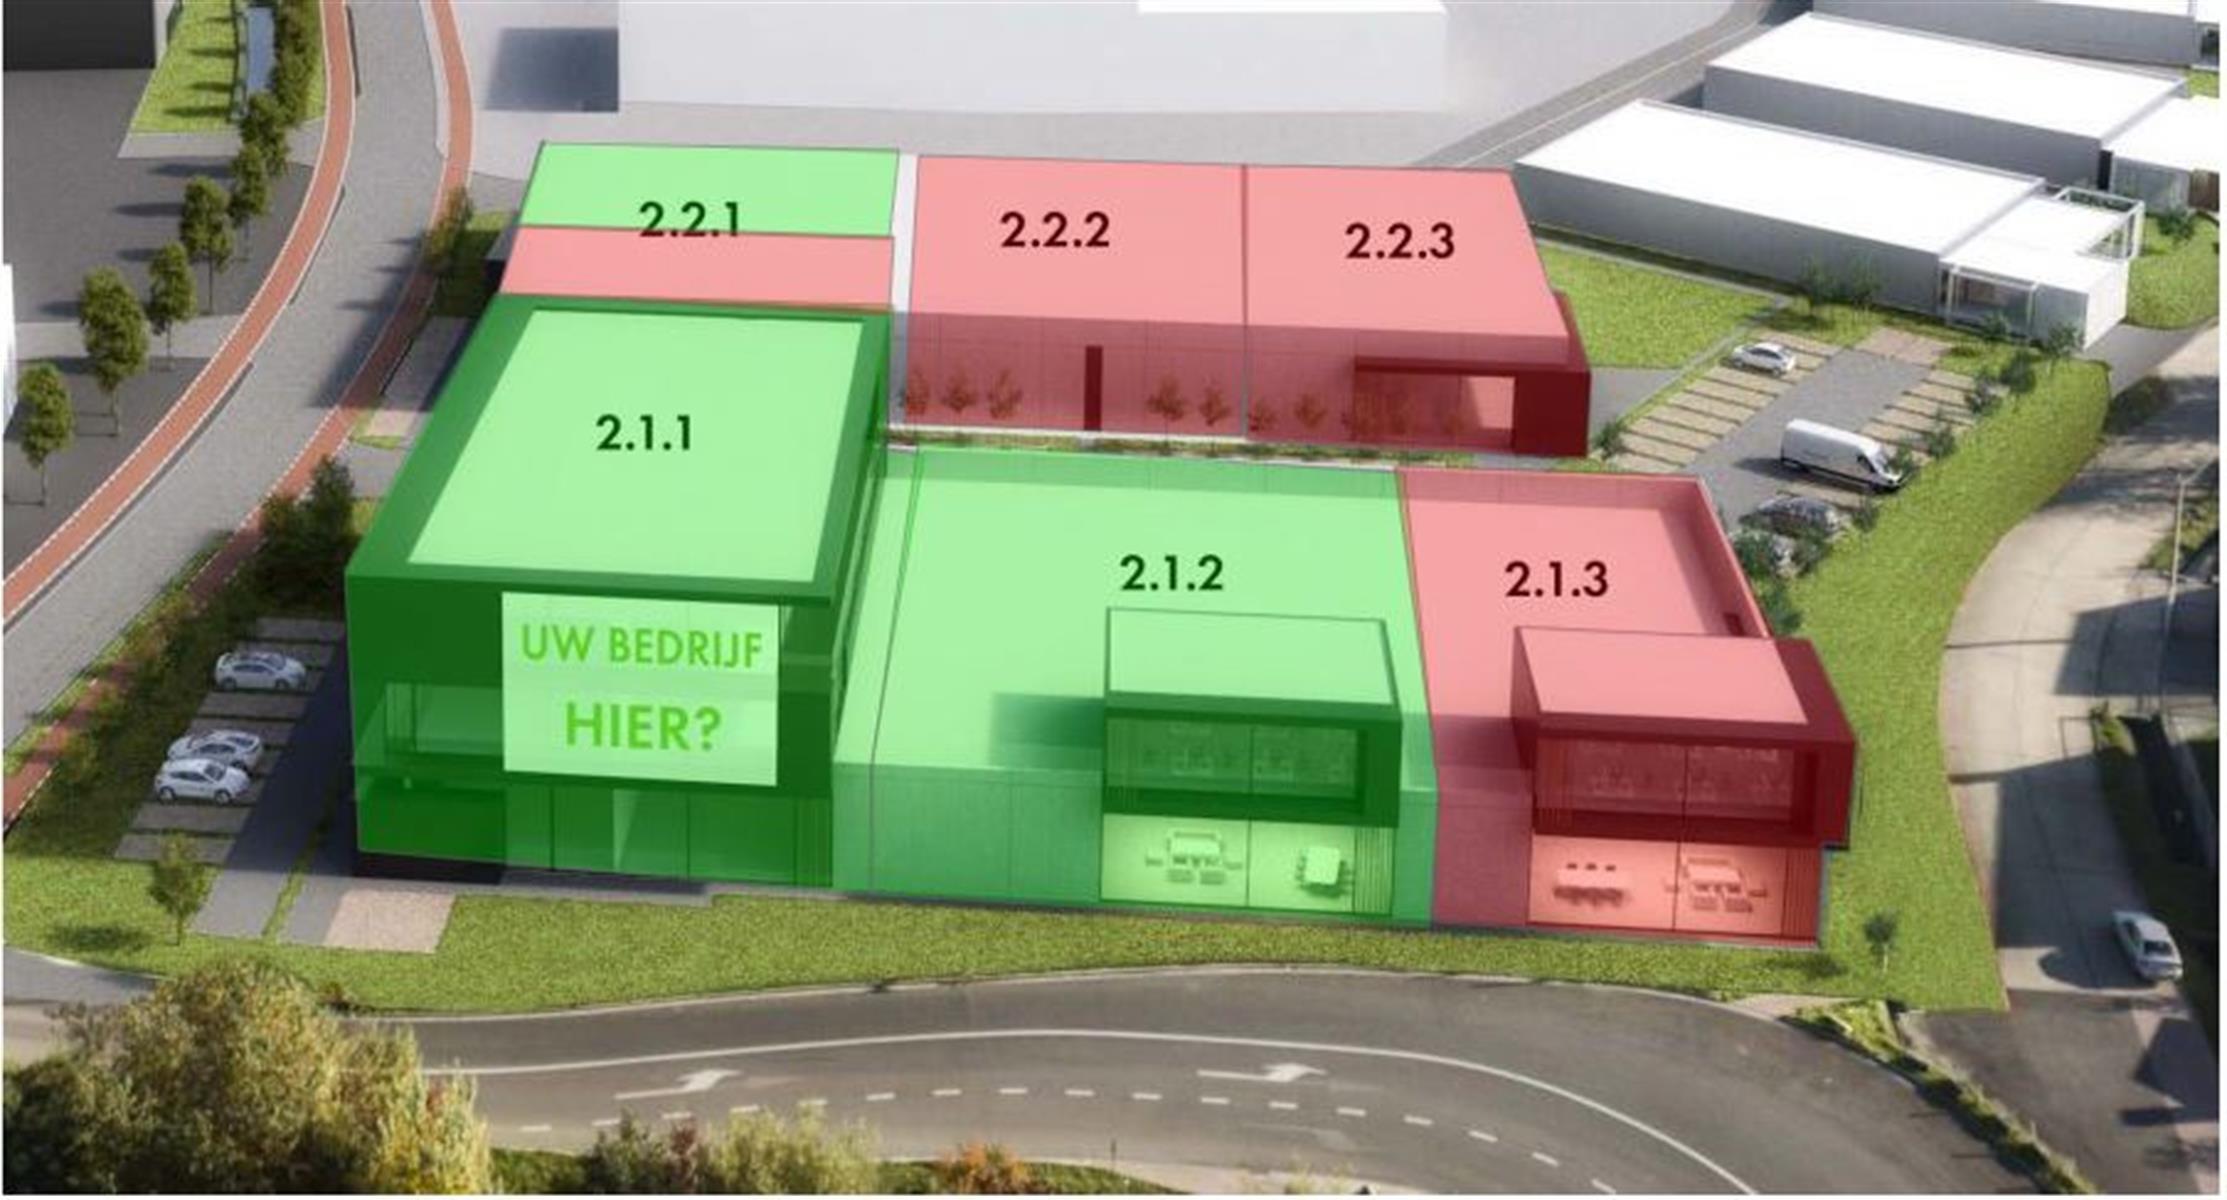 KMO-unit te koop BOLLAARPARK LIER PROJECTGROND OP PLAATS UNIT 2.1.1 - Bollaarstraat 6, 2500 Lier, België 2